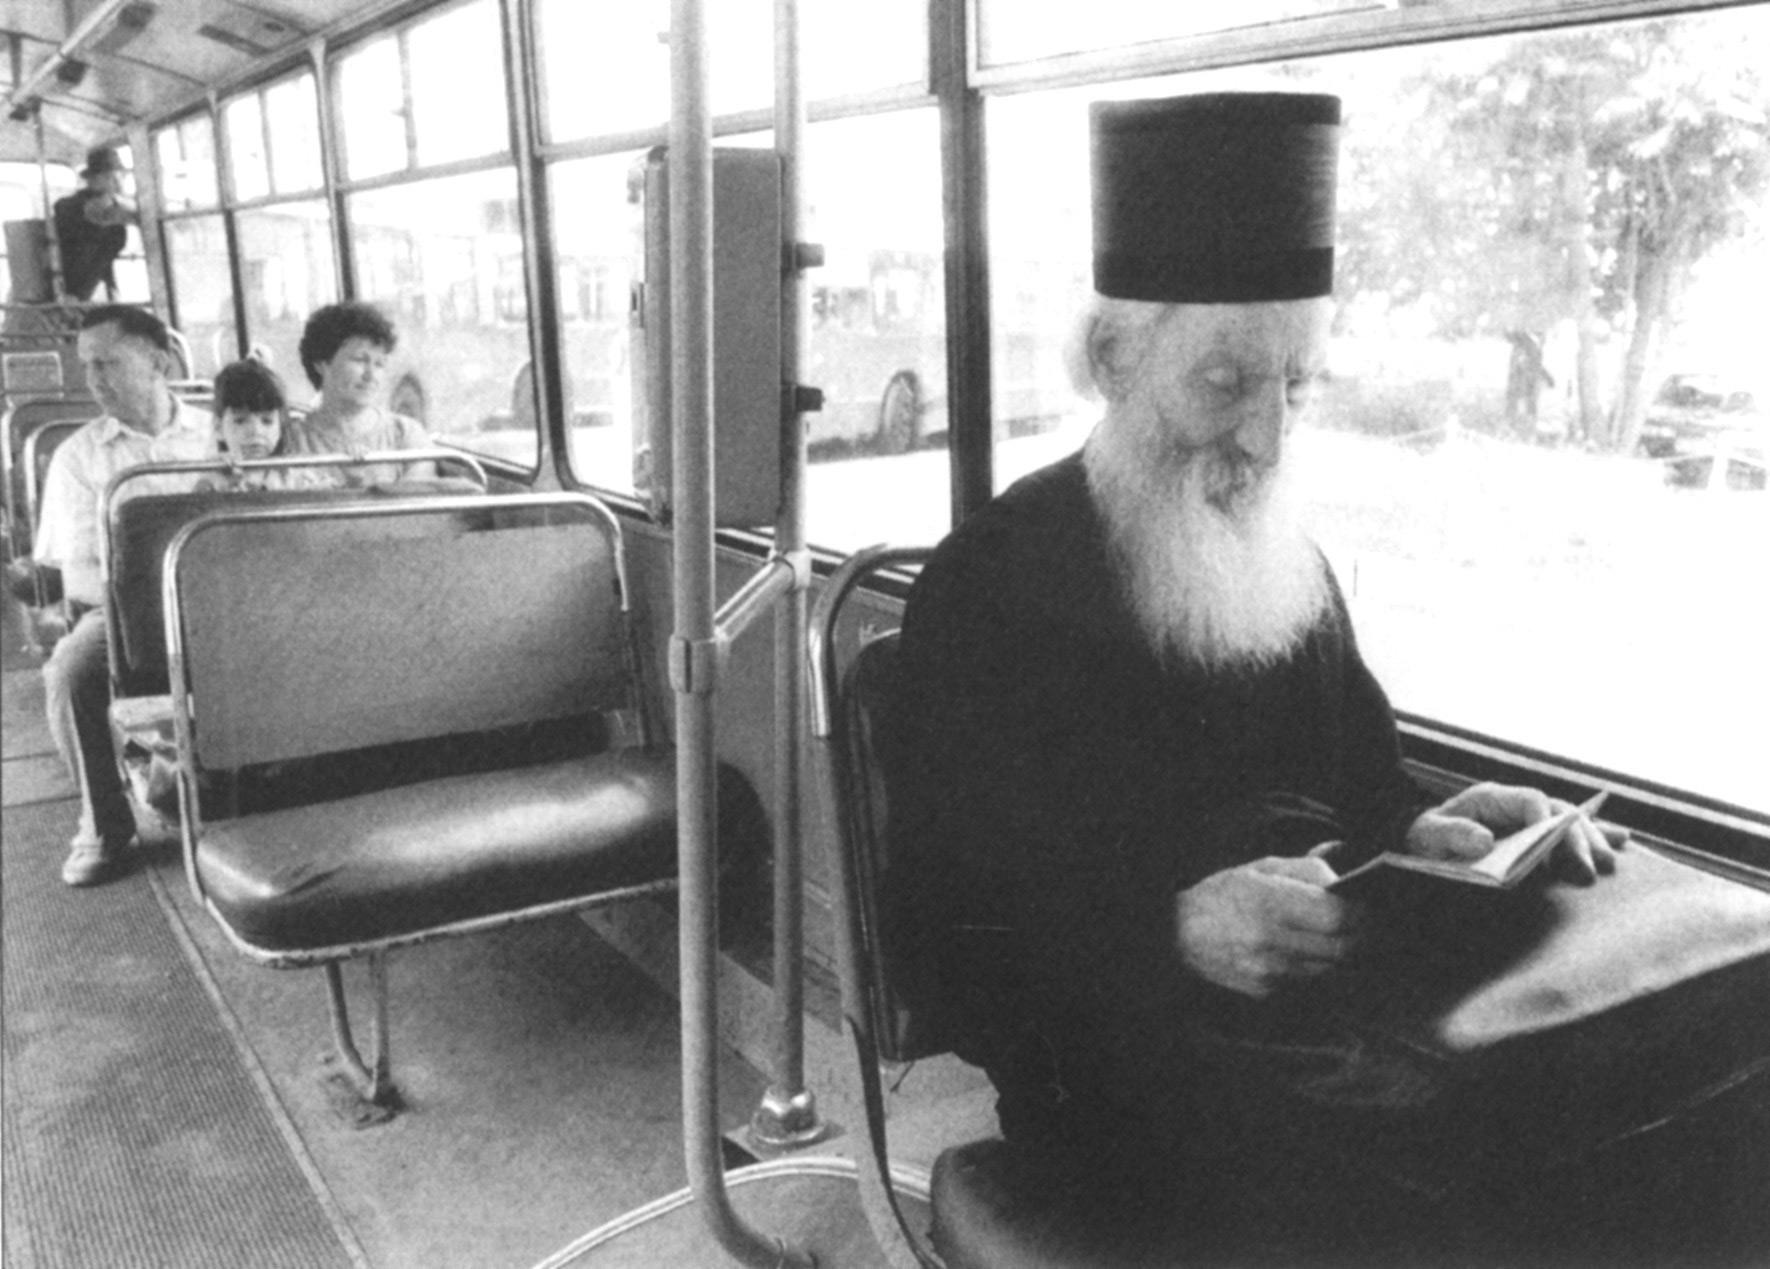 Секс рассказа в трамвае 1 фотография